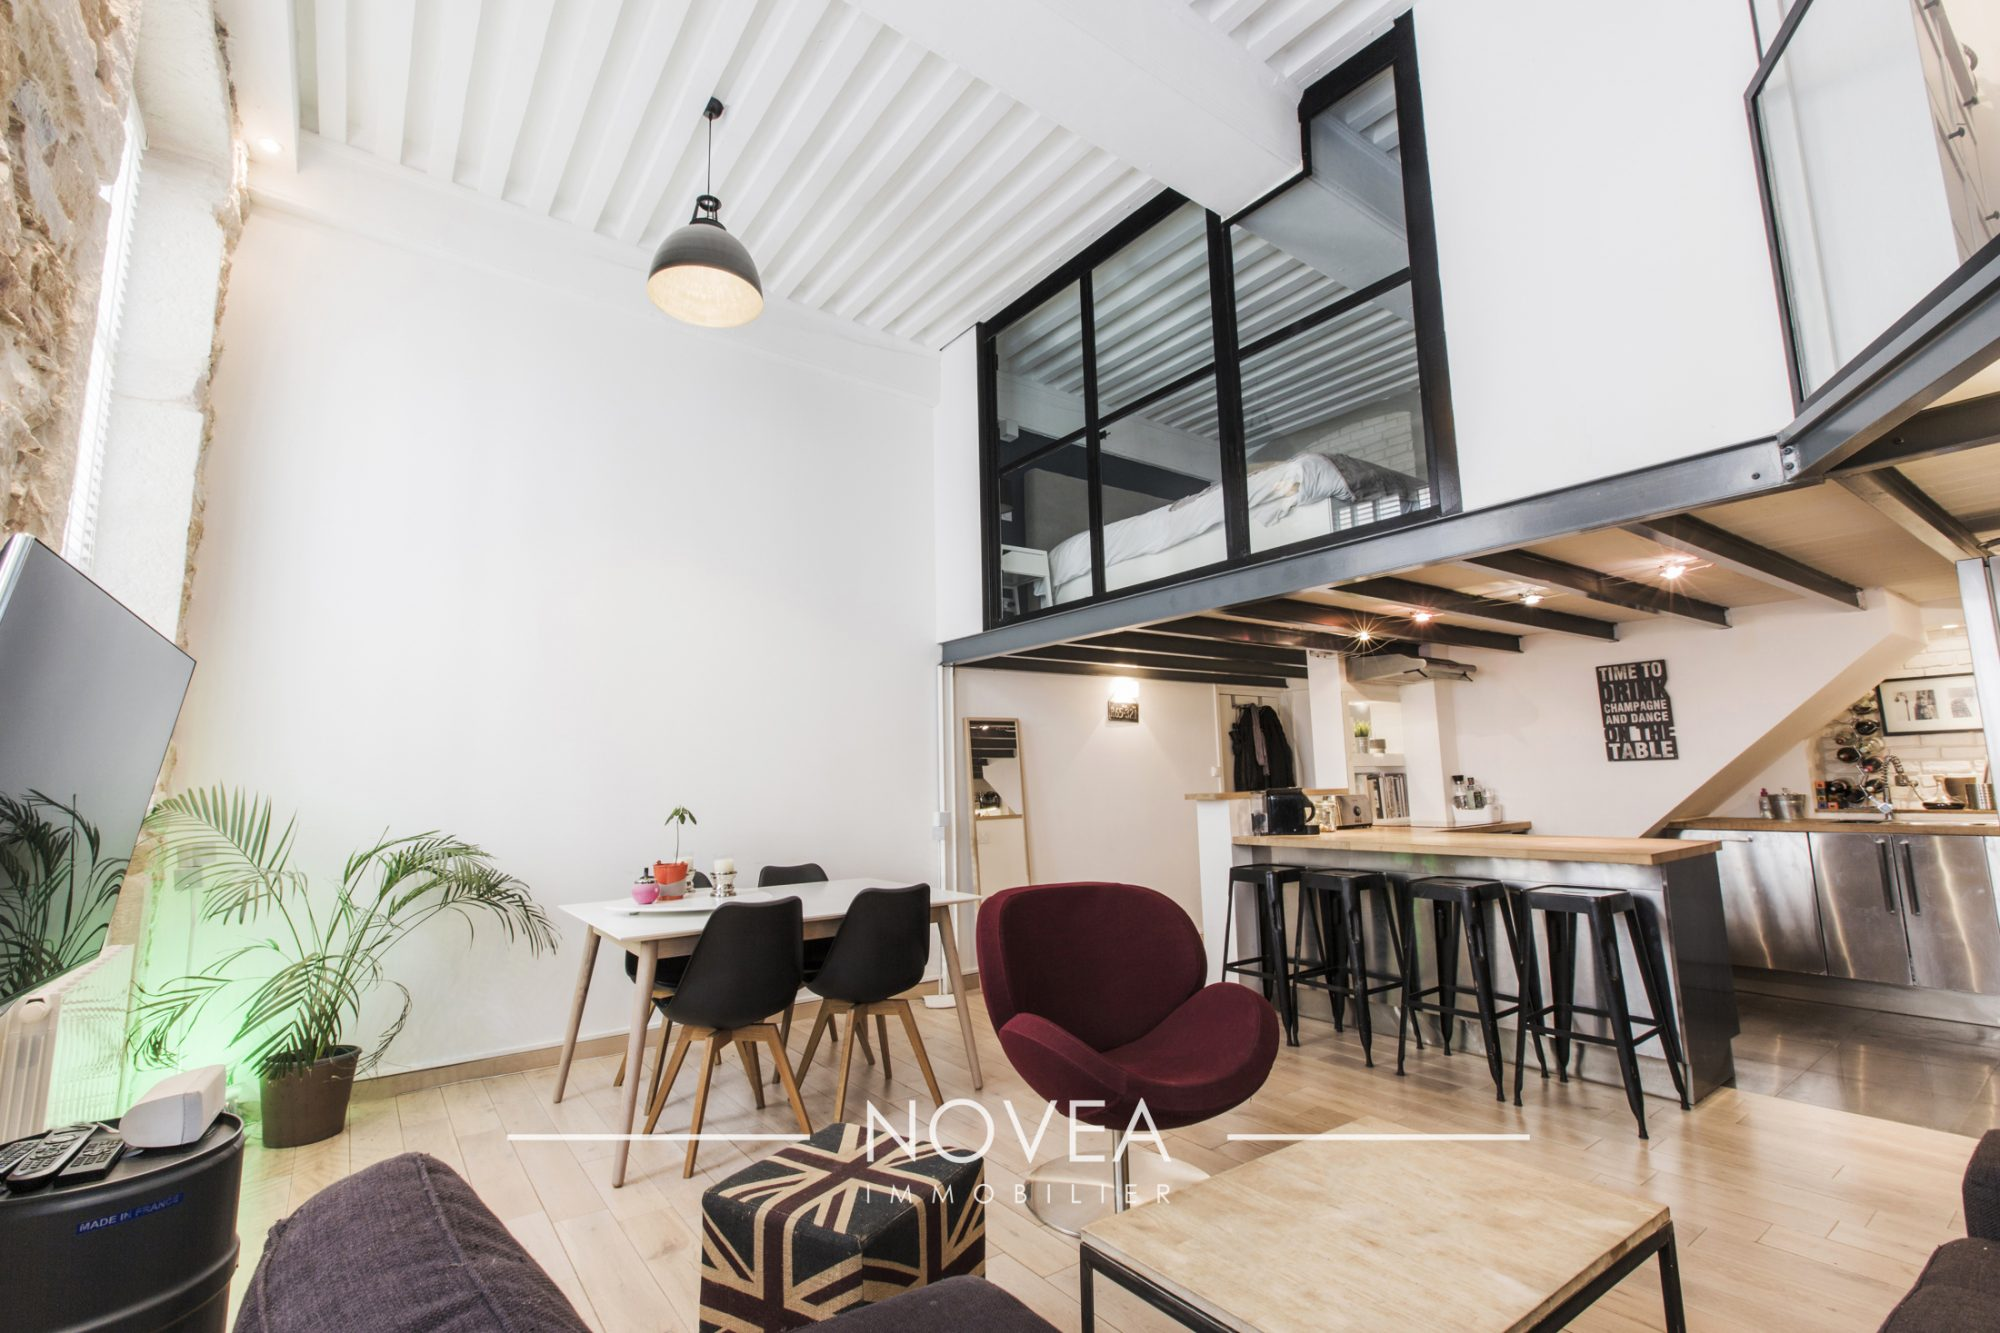 Appartement t4 2 chambres croix rousse centre lyon for Appartement original lyon